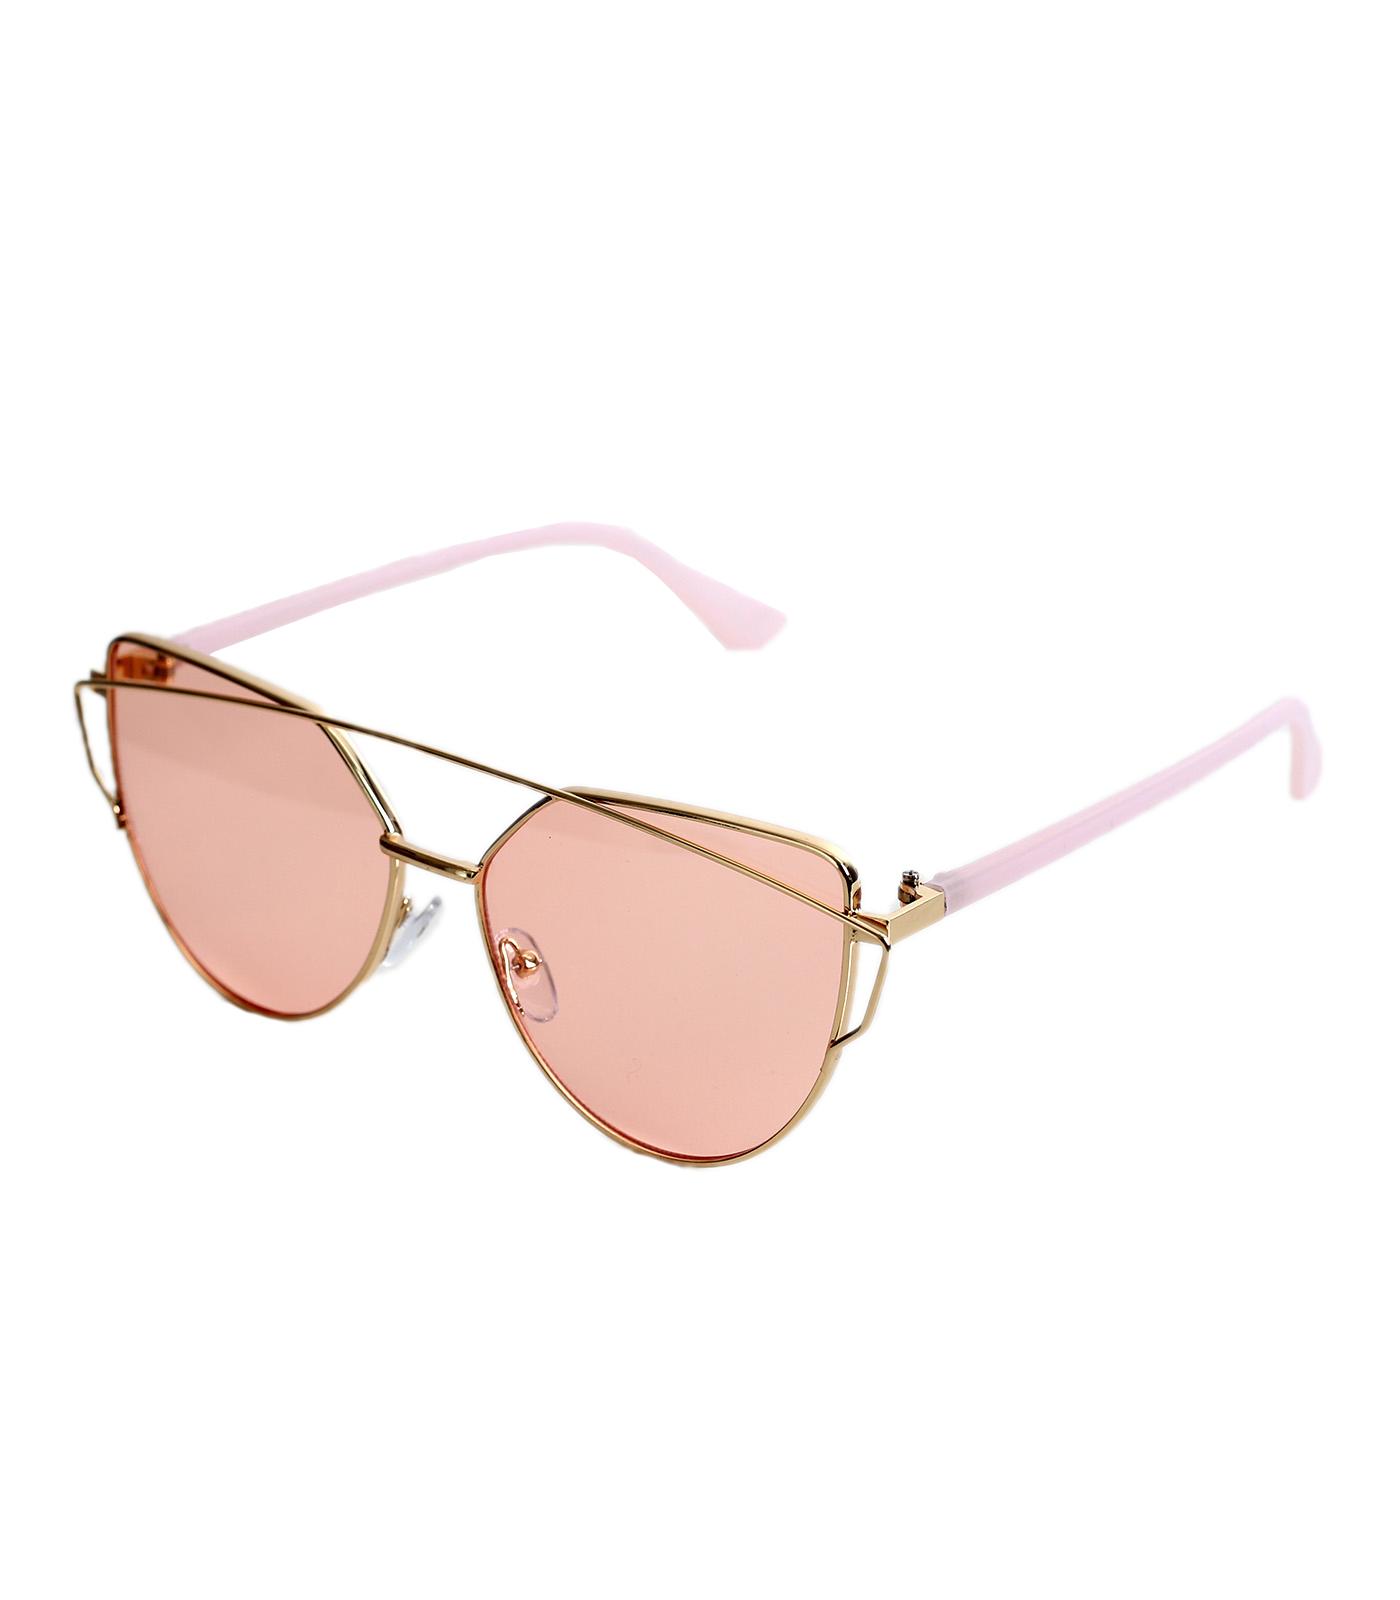 Γυαλιά με κόκκινο ροζ φακό και ροζ βραχίονα